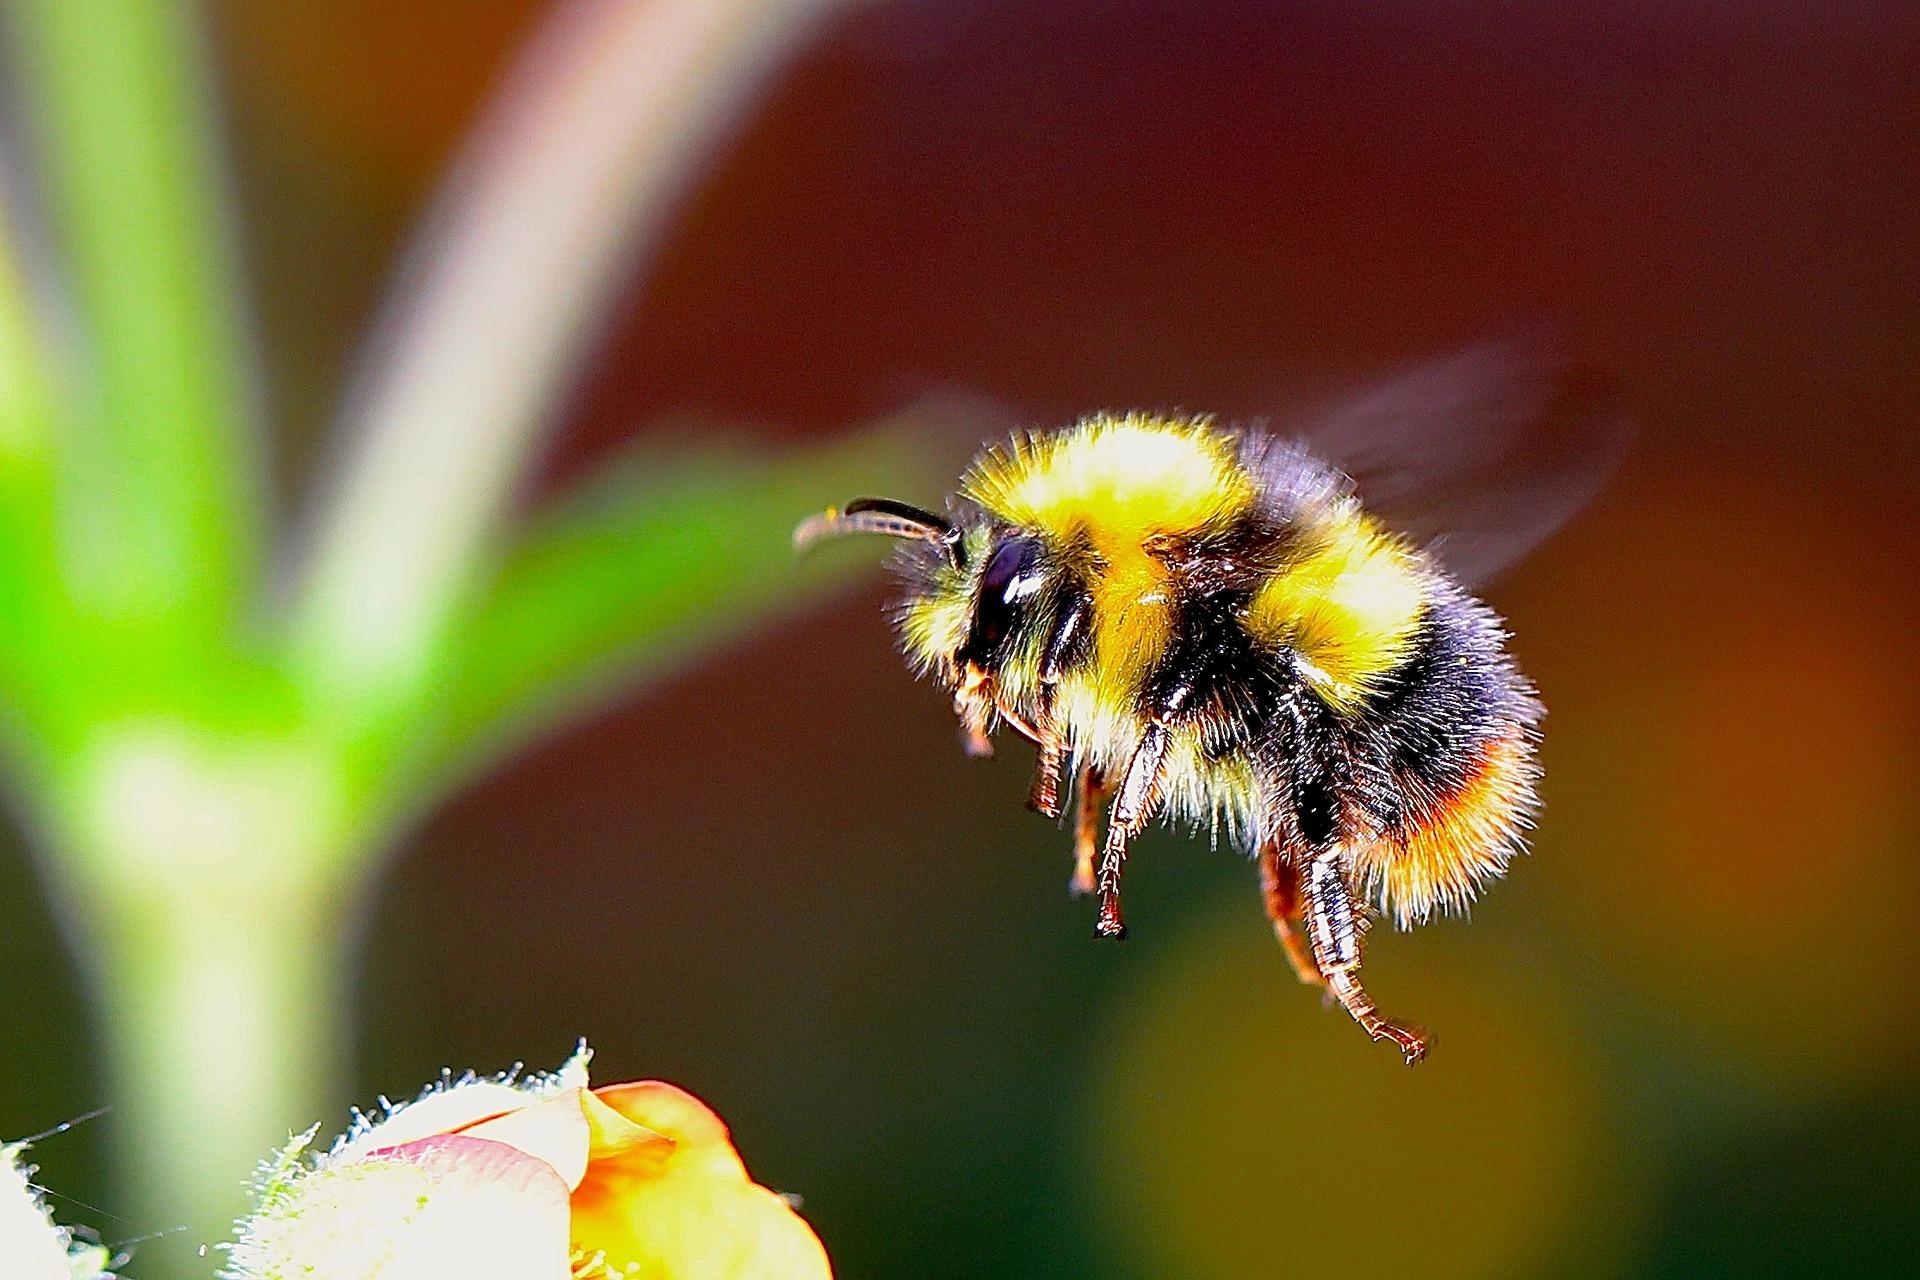 Obrázek: Včely jako pomocnice zemědělců? Pomocí batůžků s miniaturními snímači mohou monitorovat stav úrody